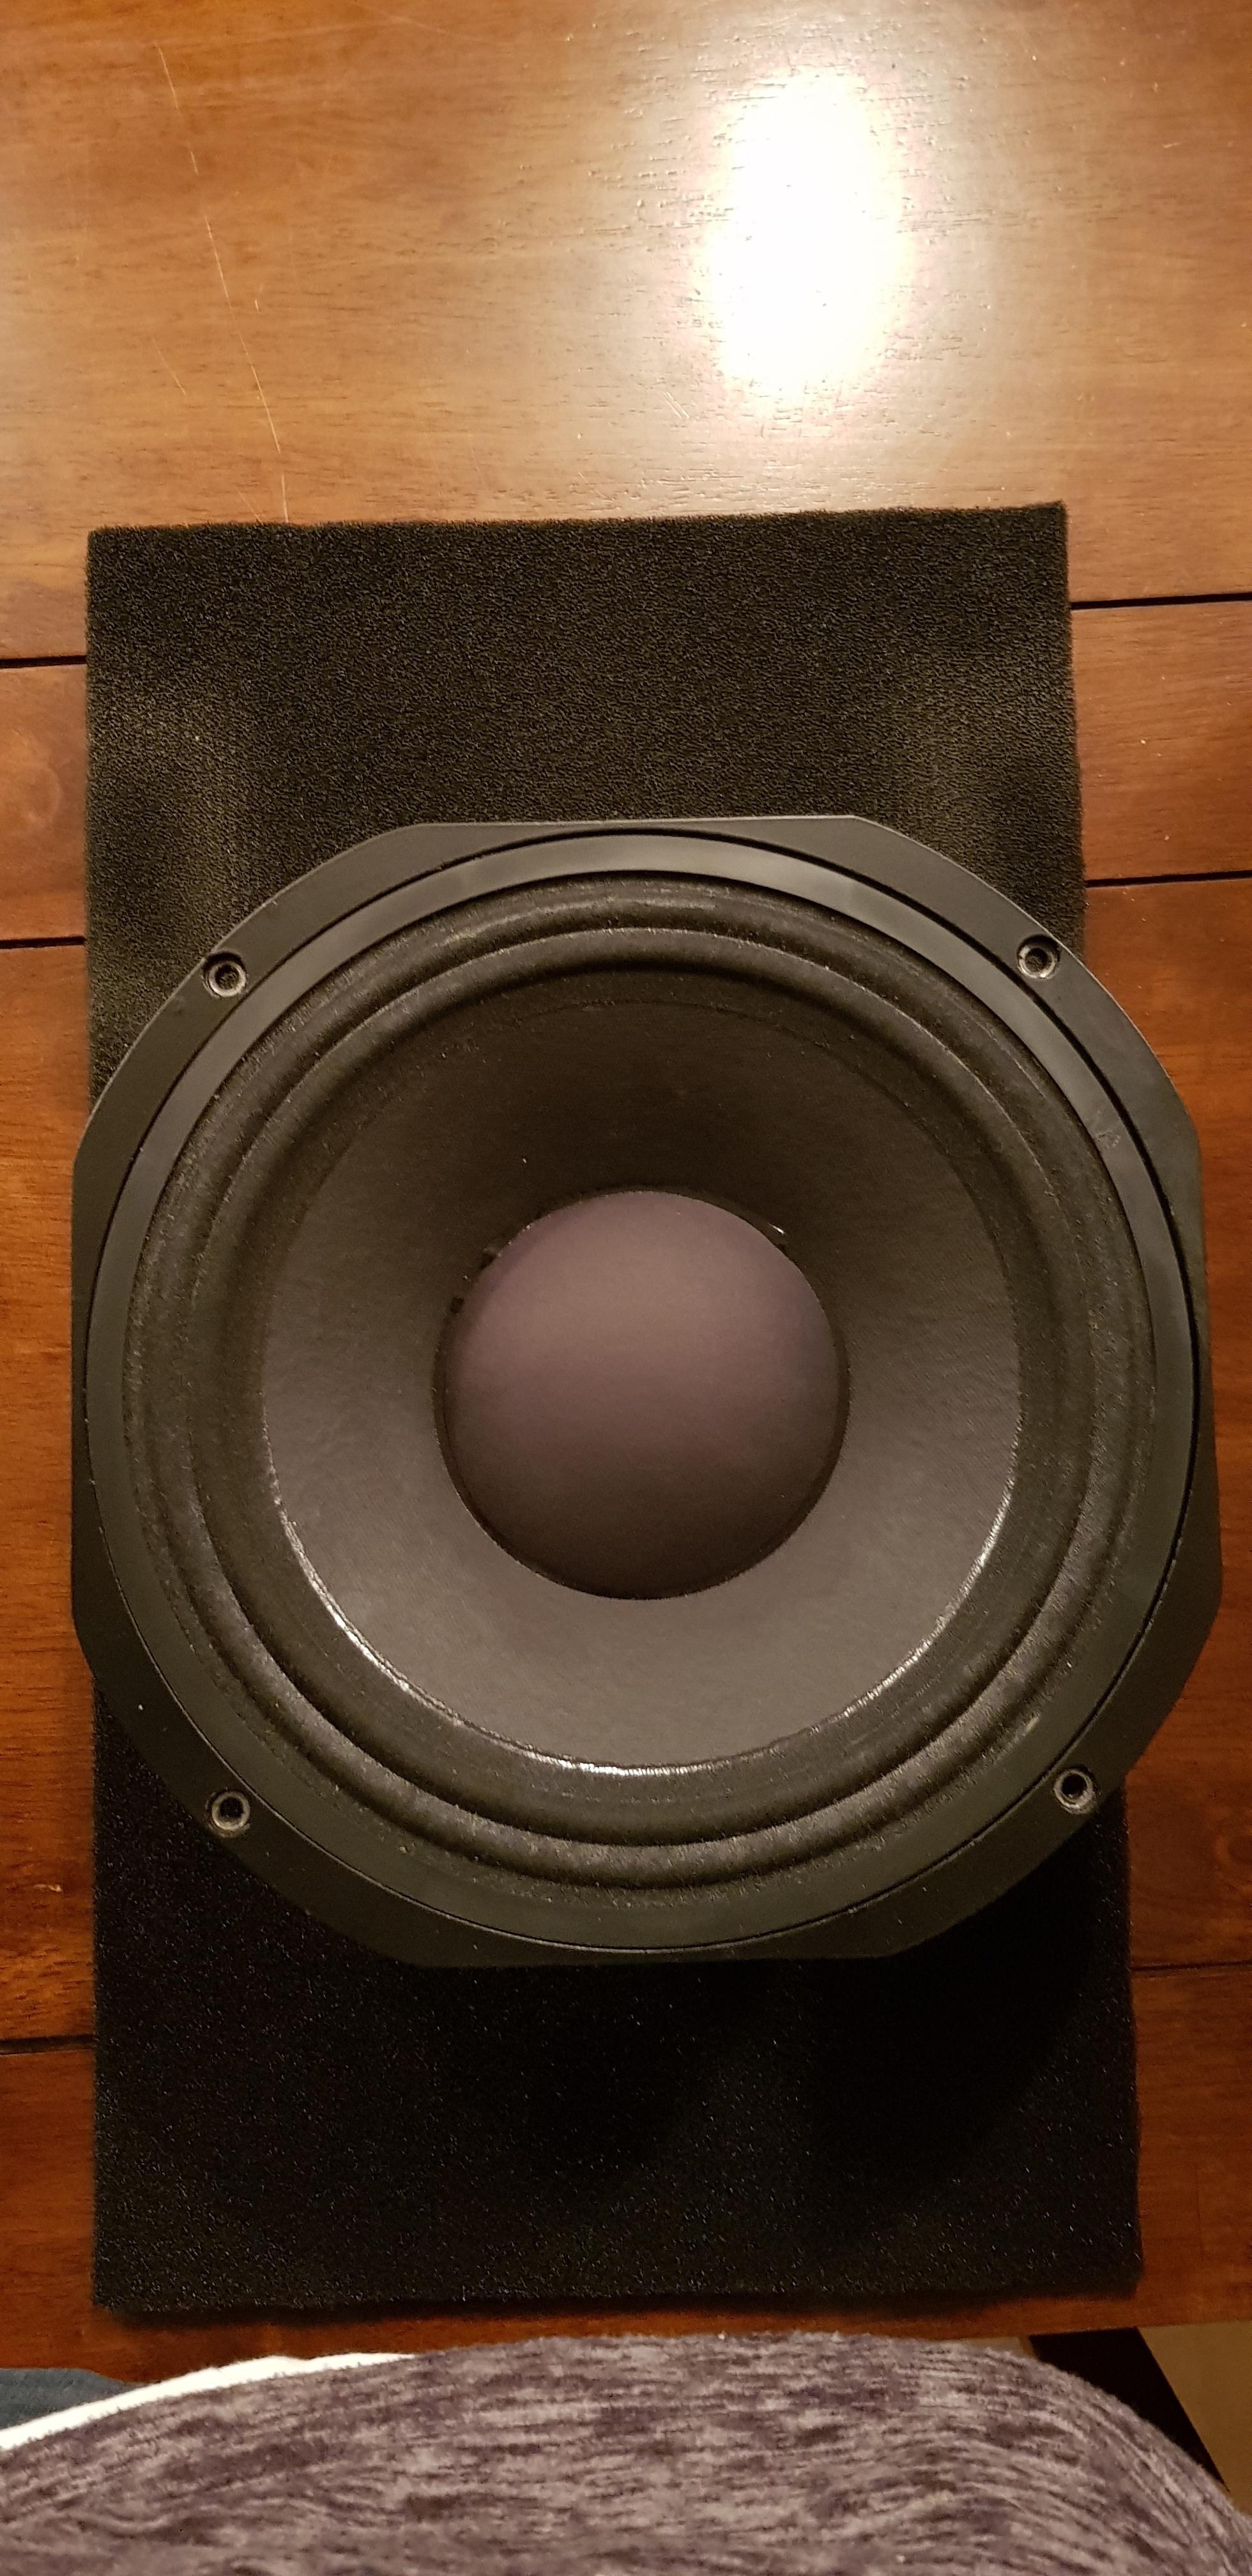 10Mb crescendo 10mb - fane crescendo 10mb - audiofanzine